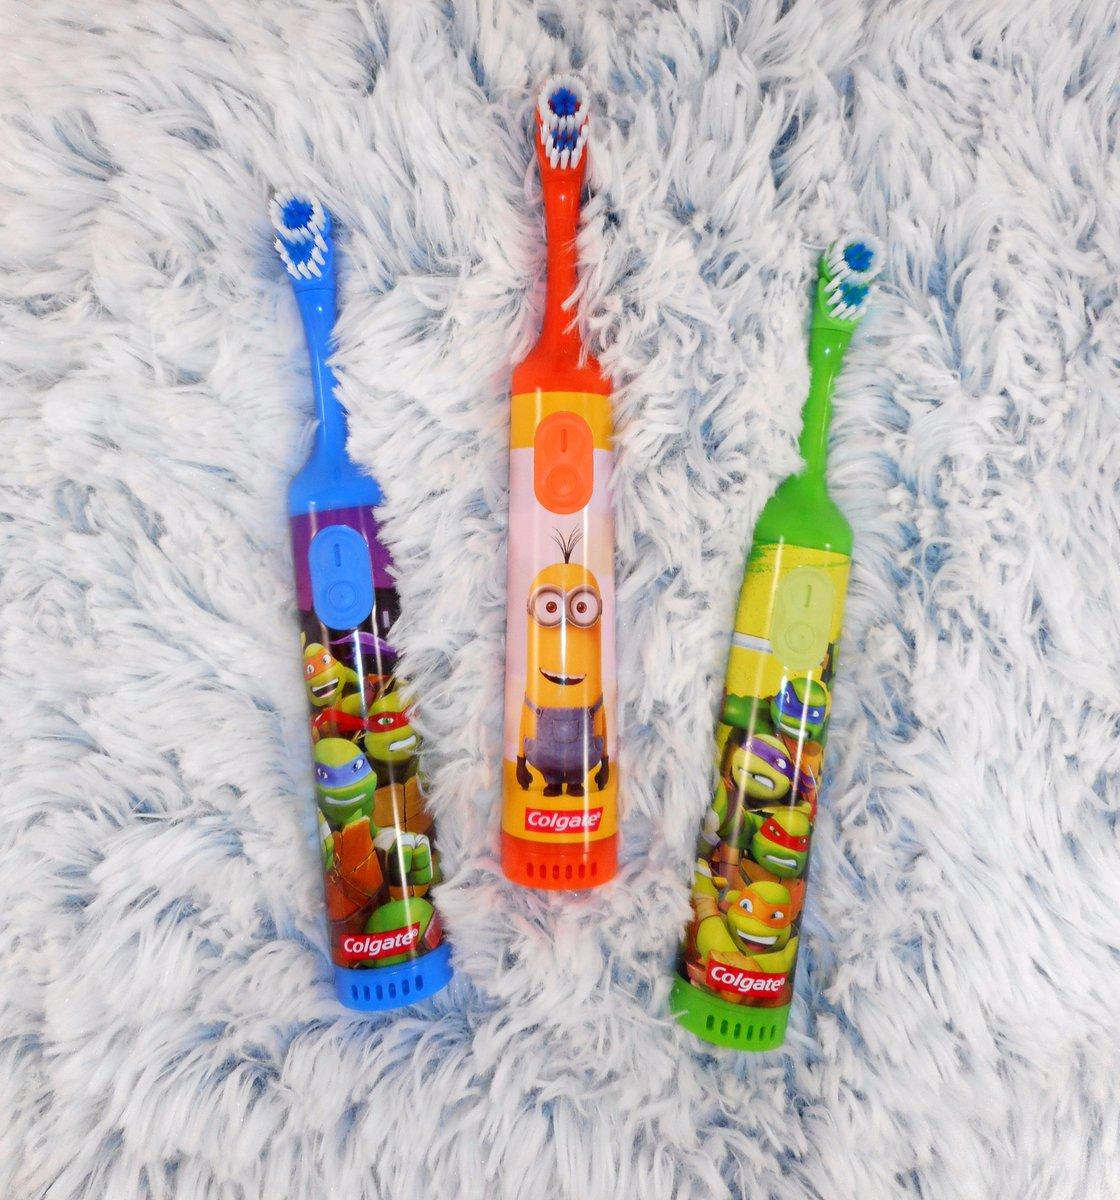 New Toothbrush